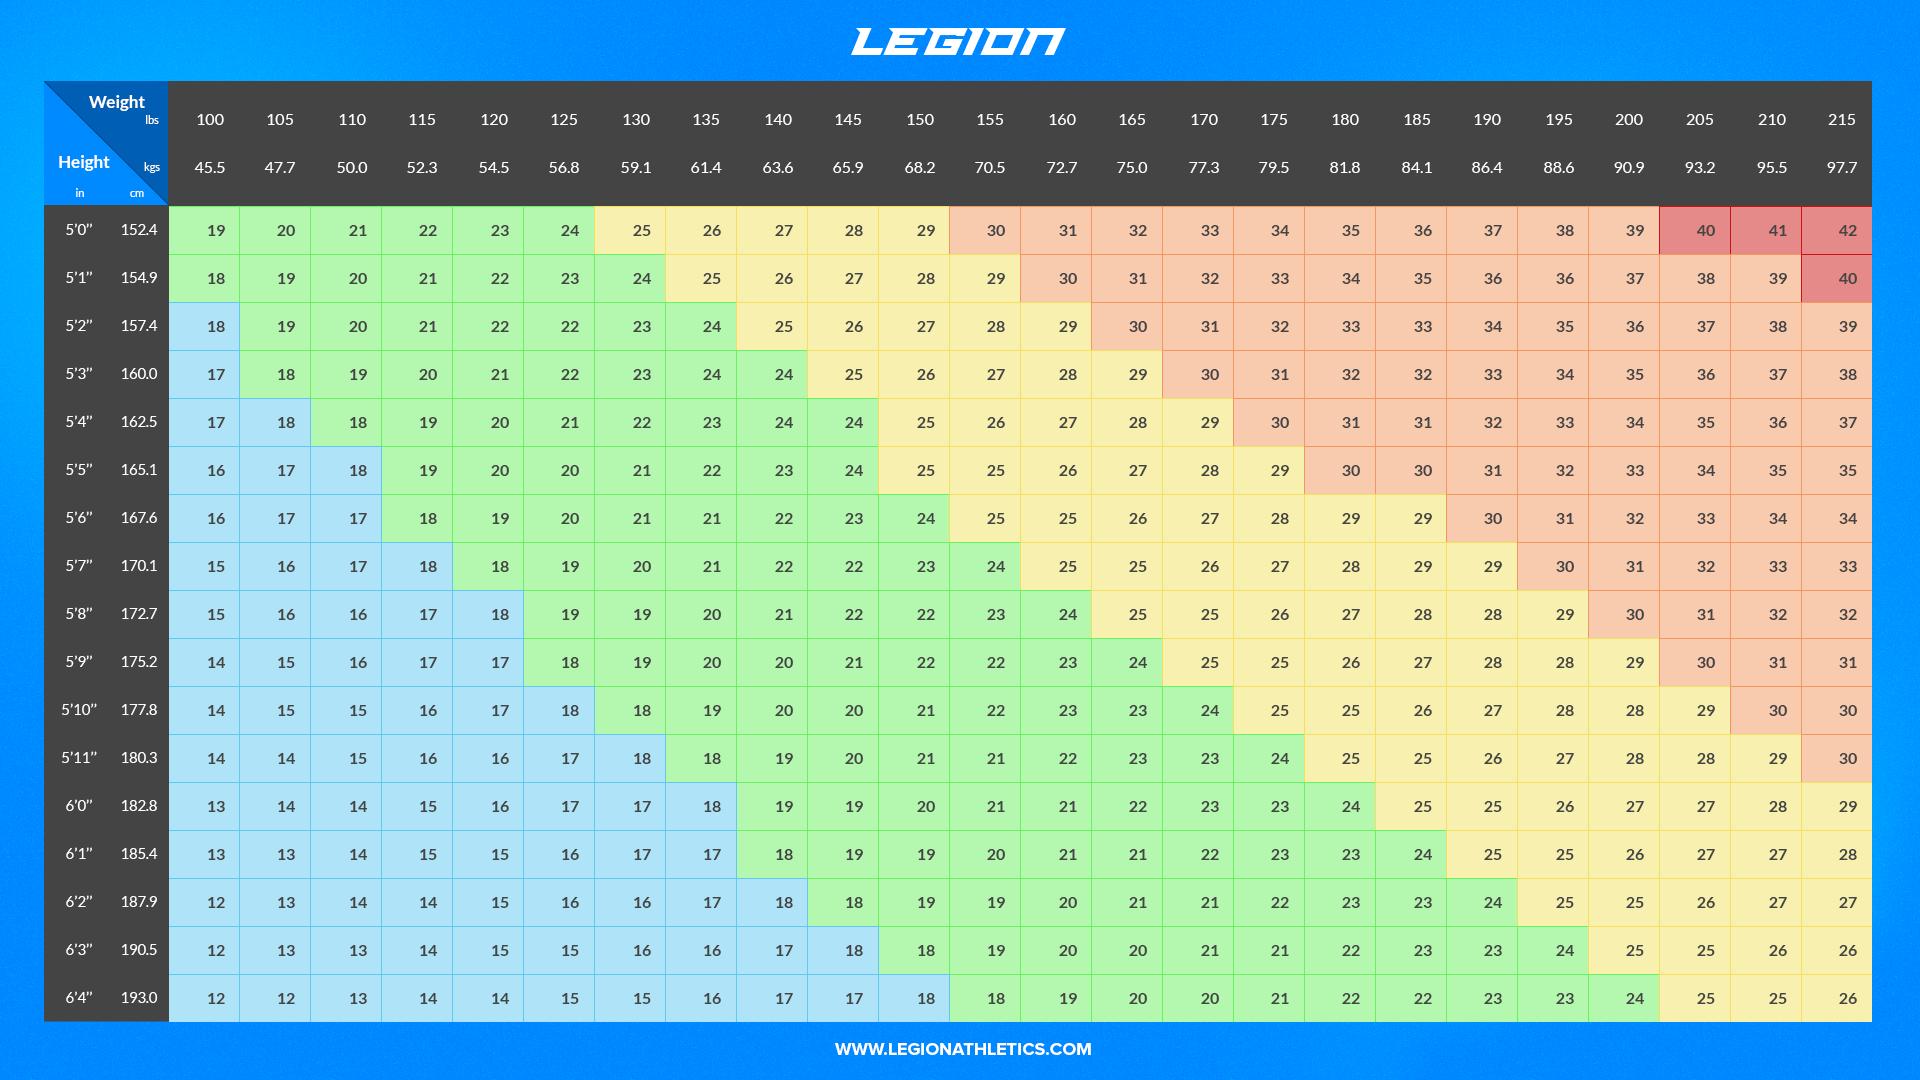 legion-bmi-chart